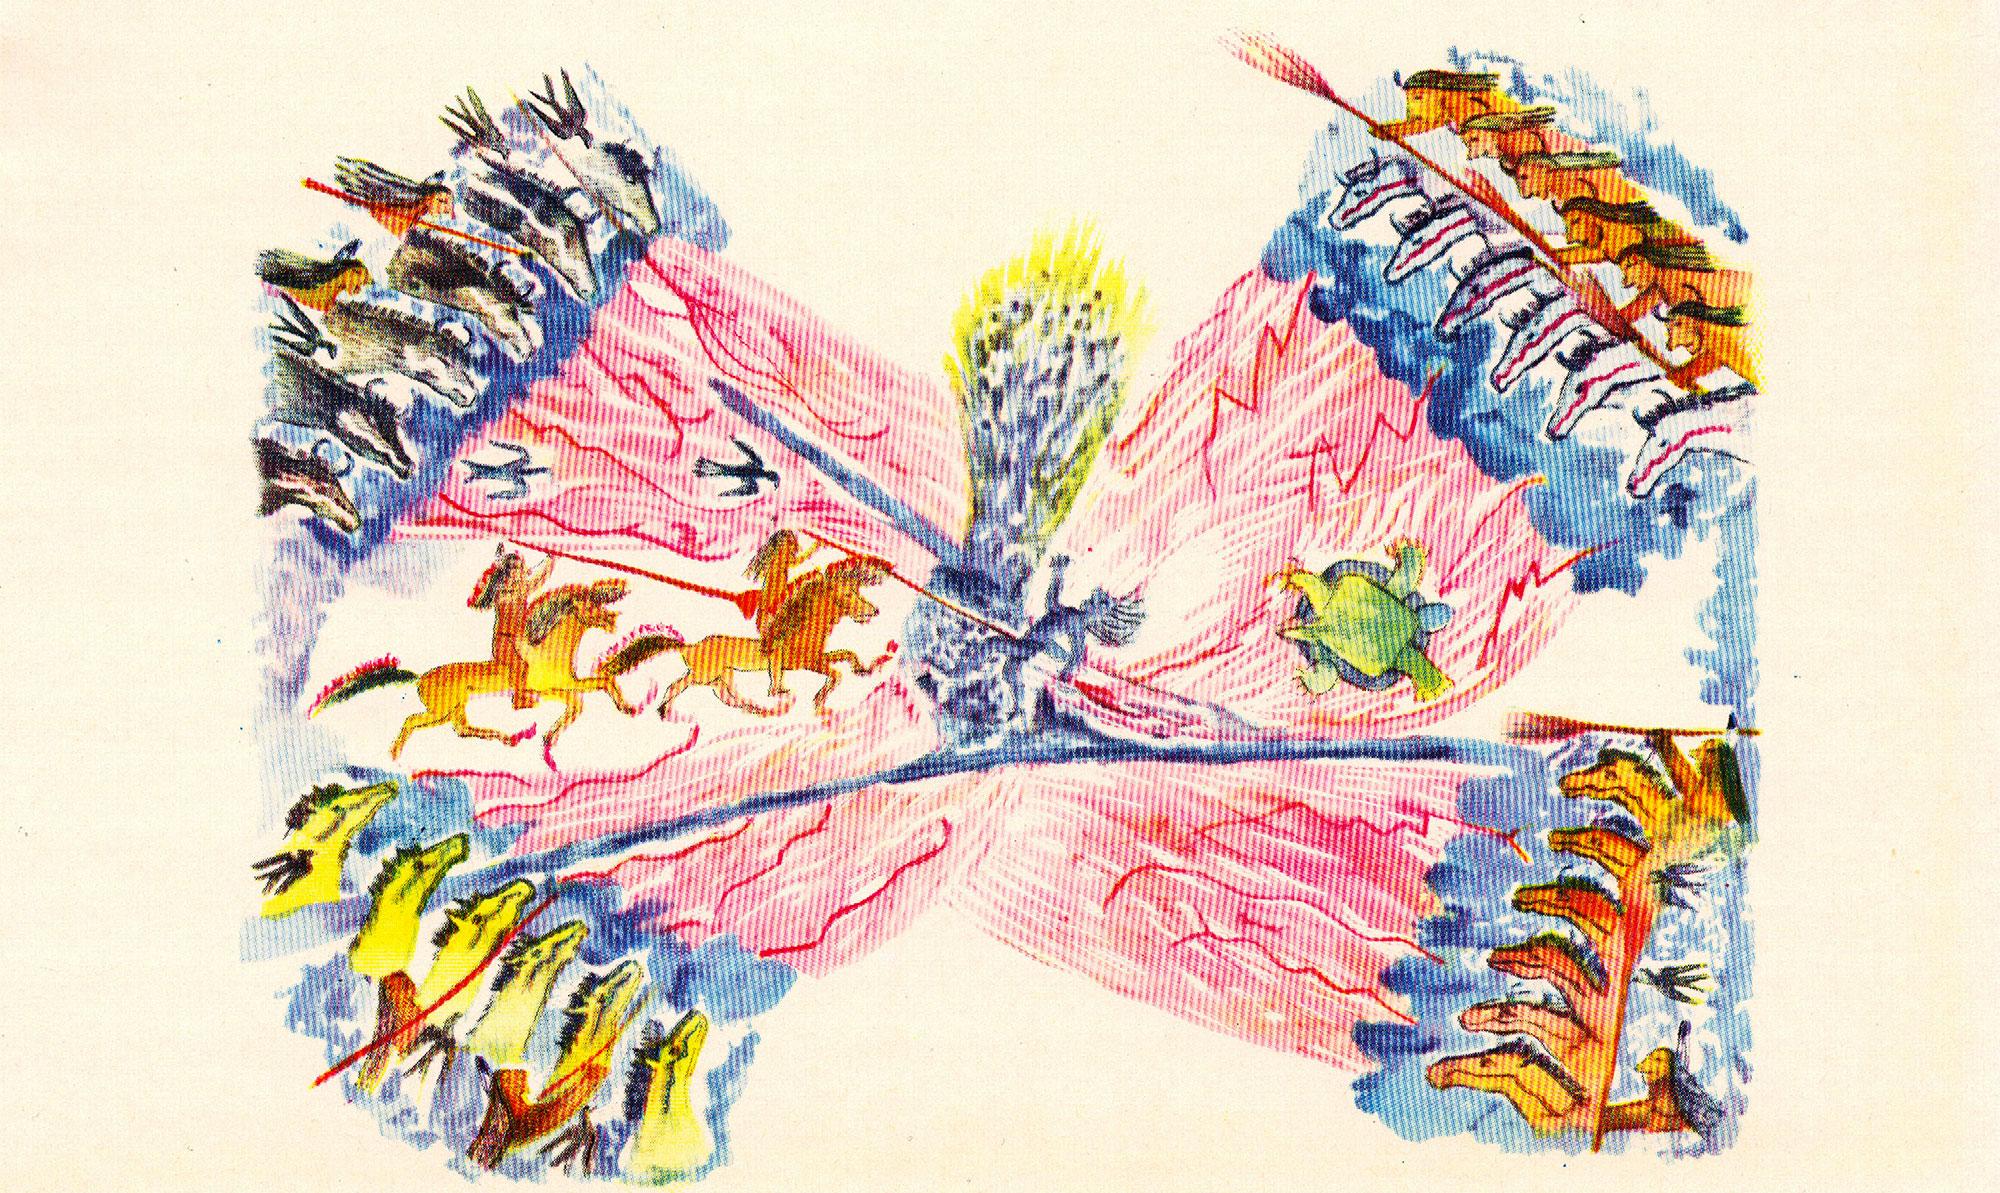 Orso in Piedi (Sioux), La visione di Alce Nera, acquerello, 1956